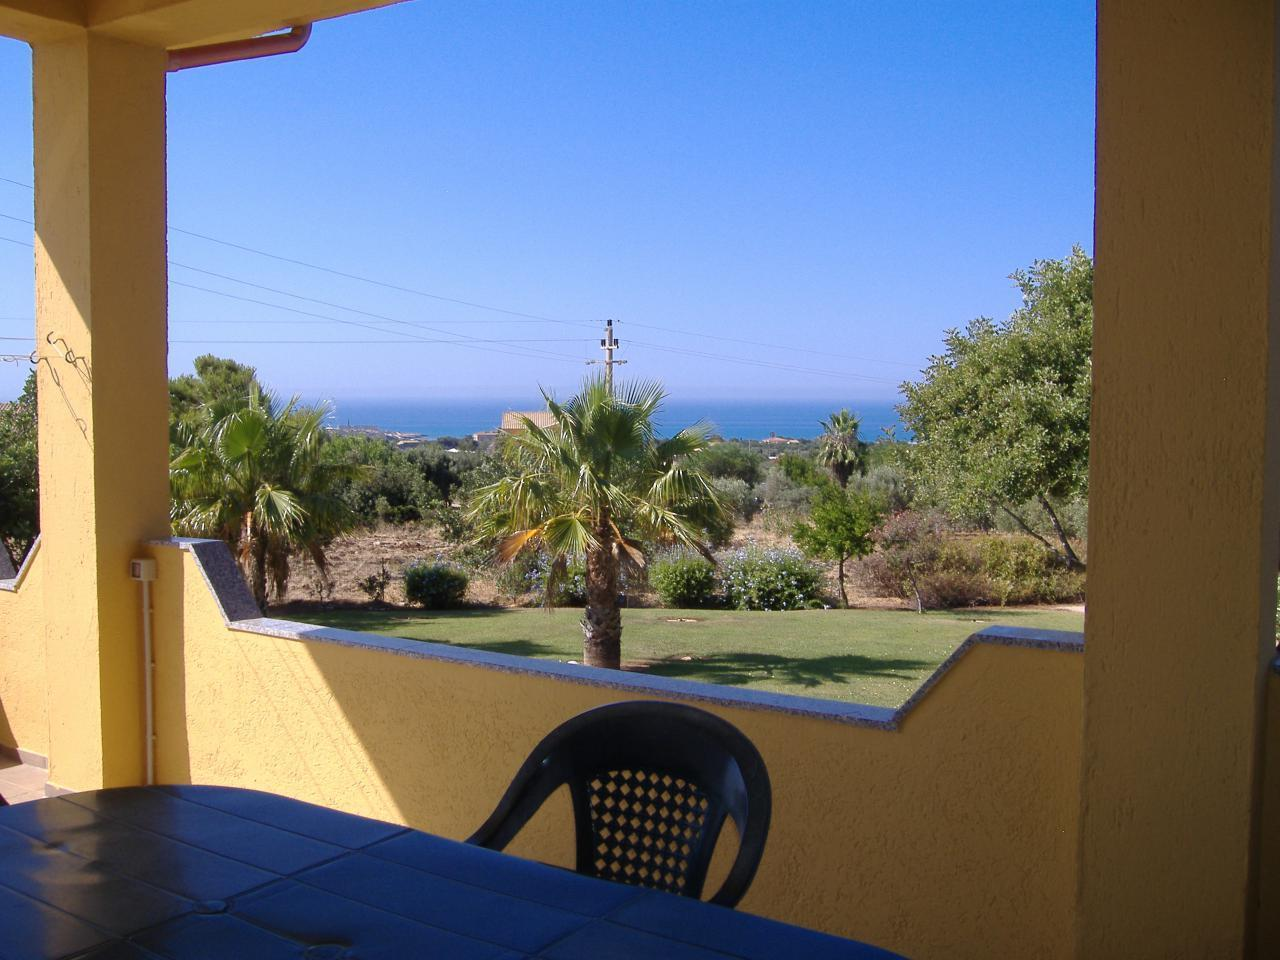 Holiday apartment Casa Amalia - Ferienwohnung mit Meerblick -  große Terrasse, großer Garten, kostenloses WL (94824), Sampieri, Ragusa, Sicily, Italy, picture 2